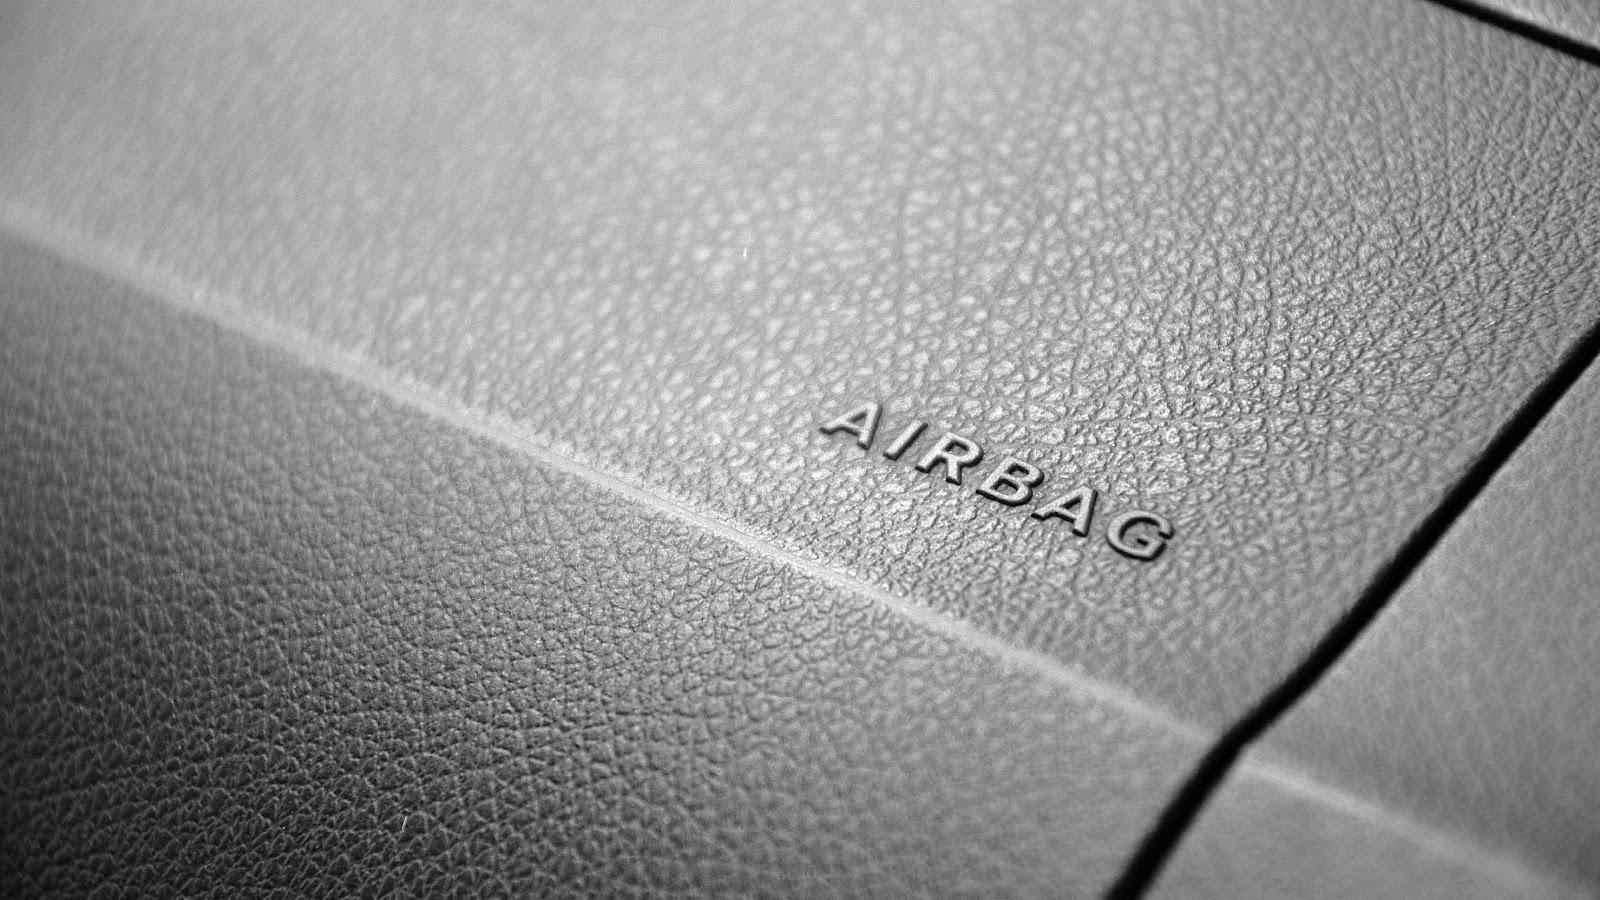 Passenger side airbag